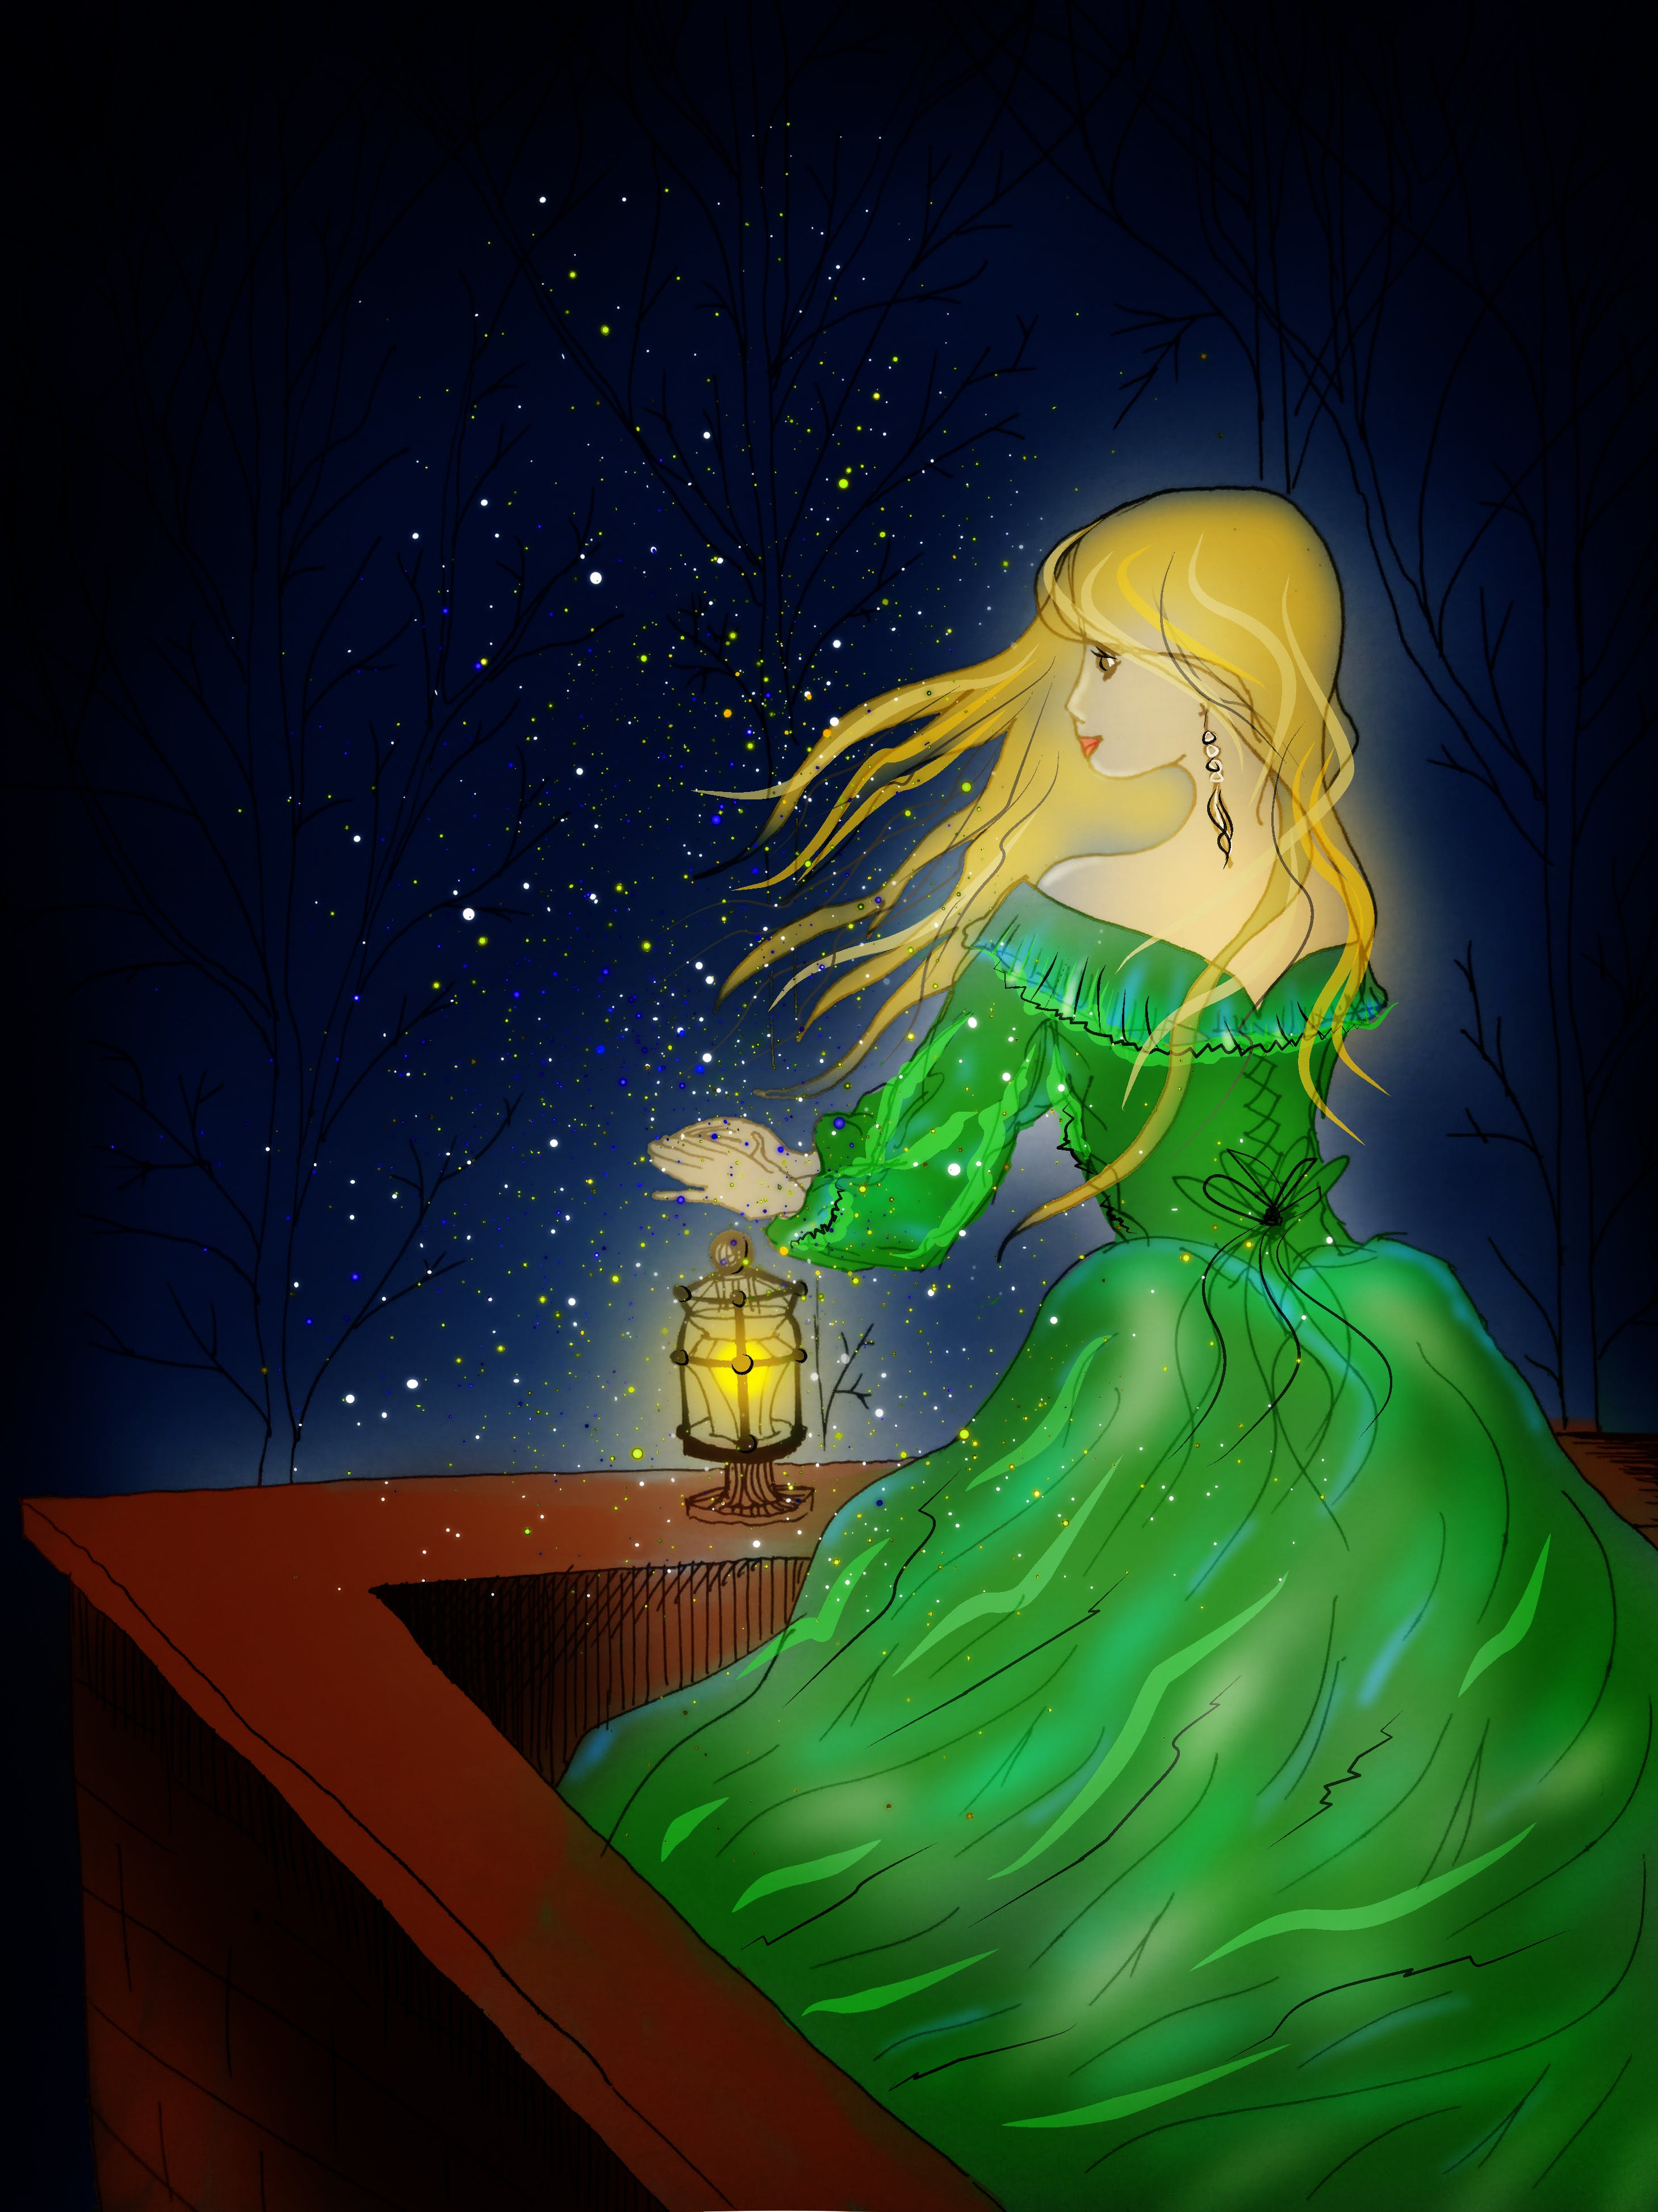 of fantasy, magic